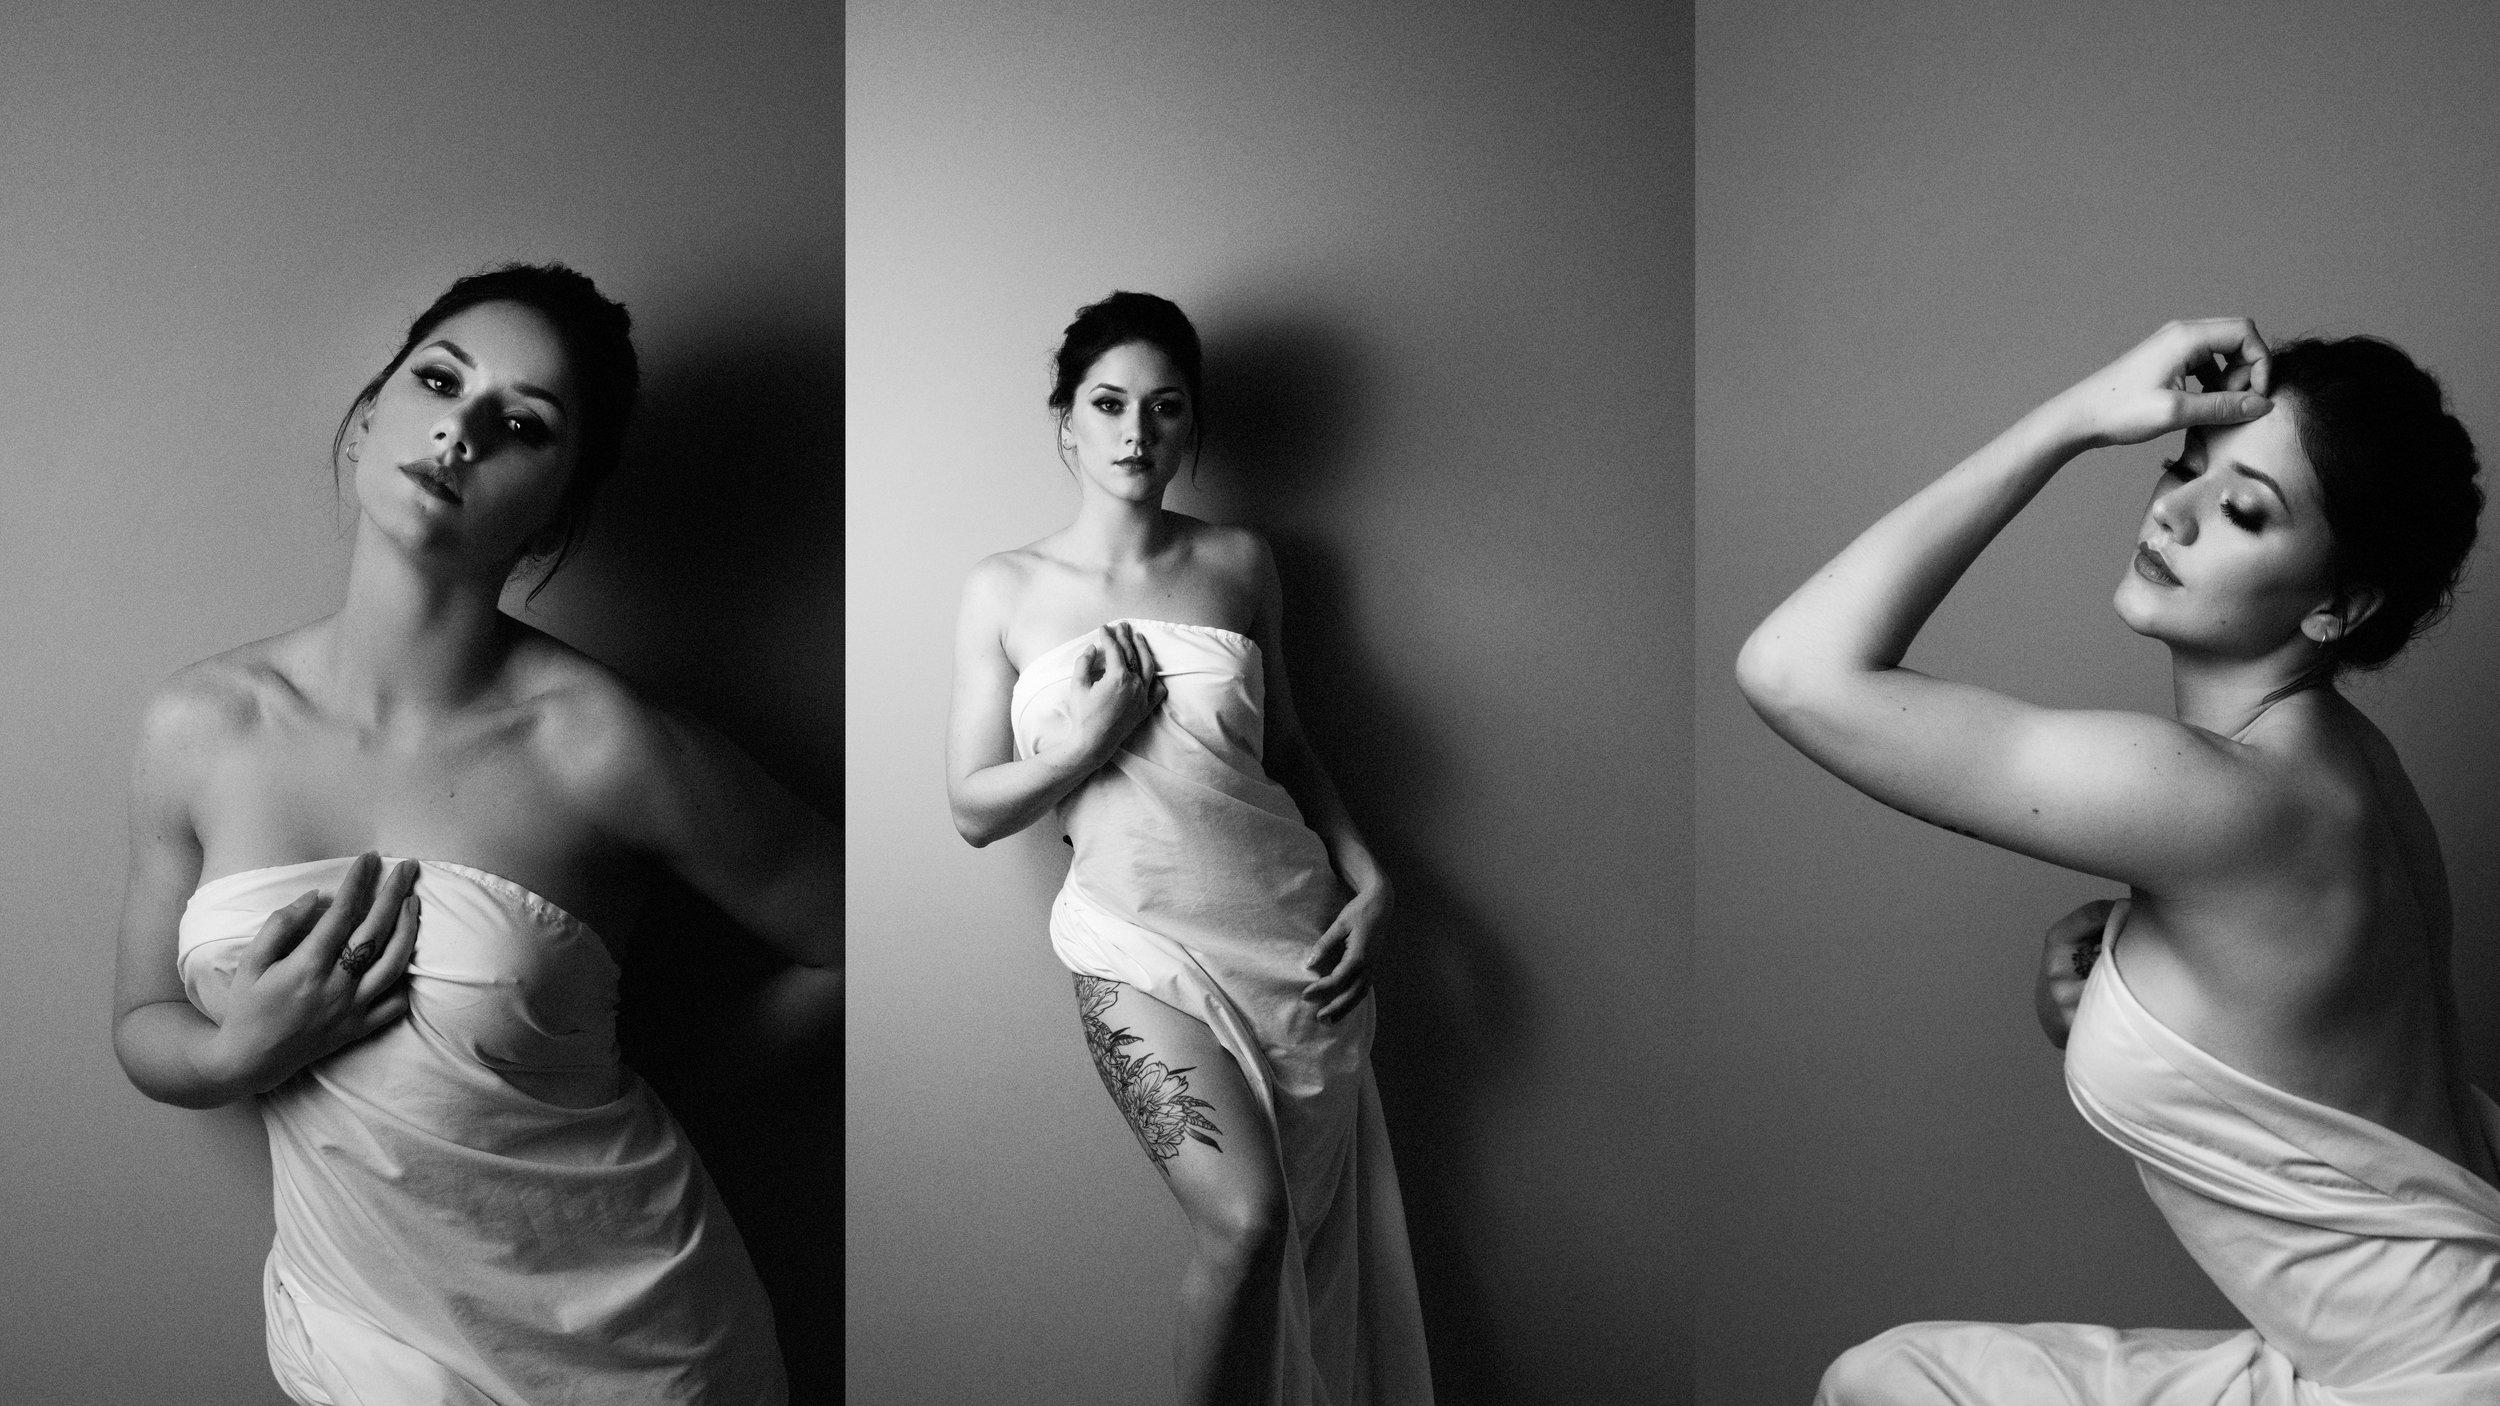 Erika-white-sheet.jpg